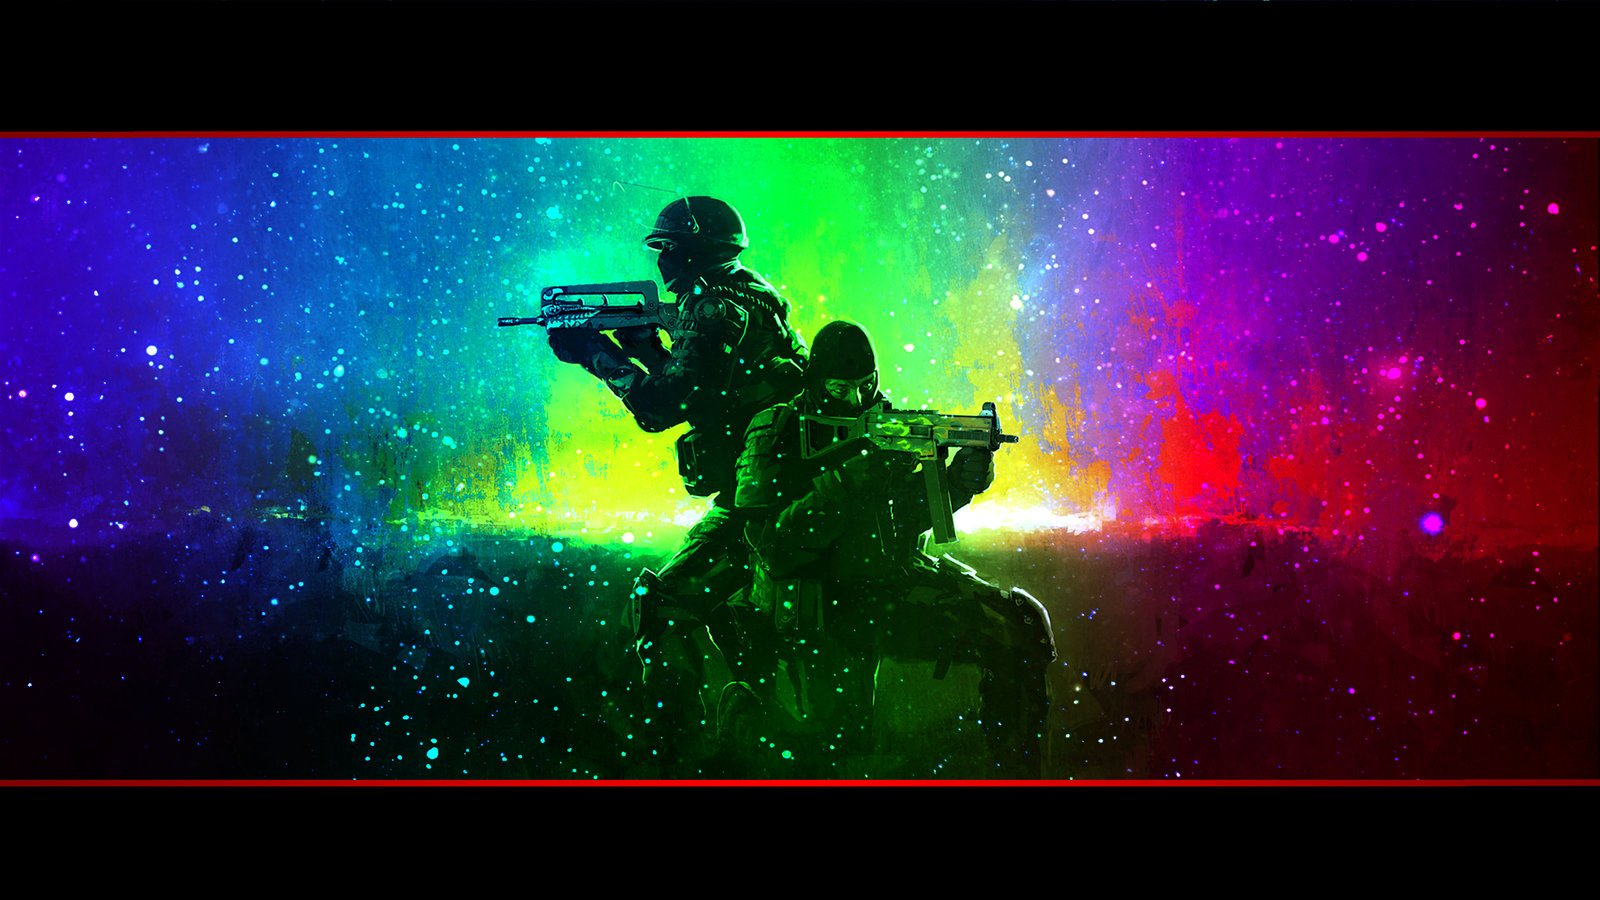 download Csgo Desktop Mlg Wallpaper by ScorpoPRO [1600x900 1600x900